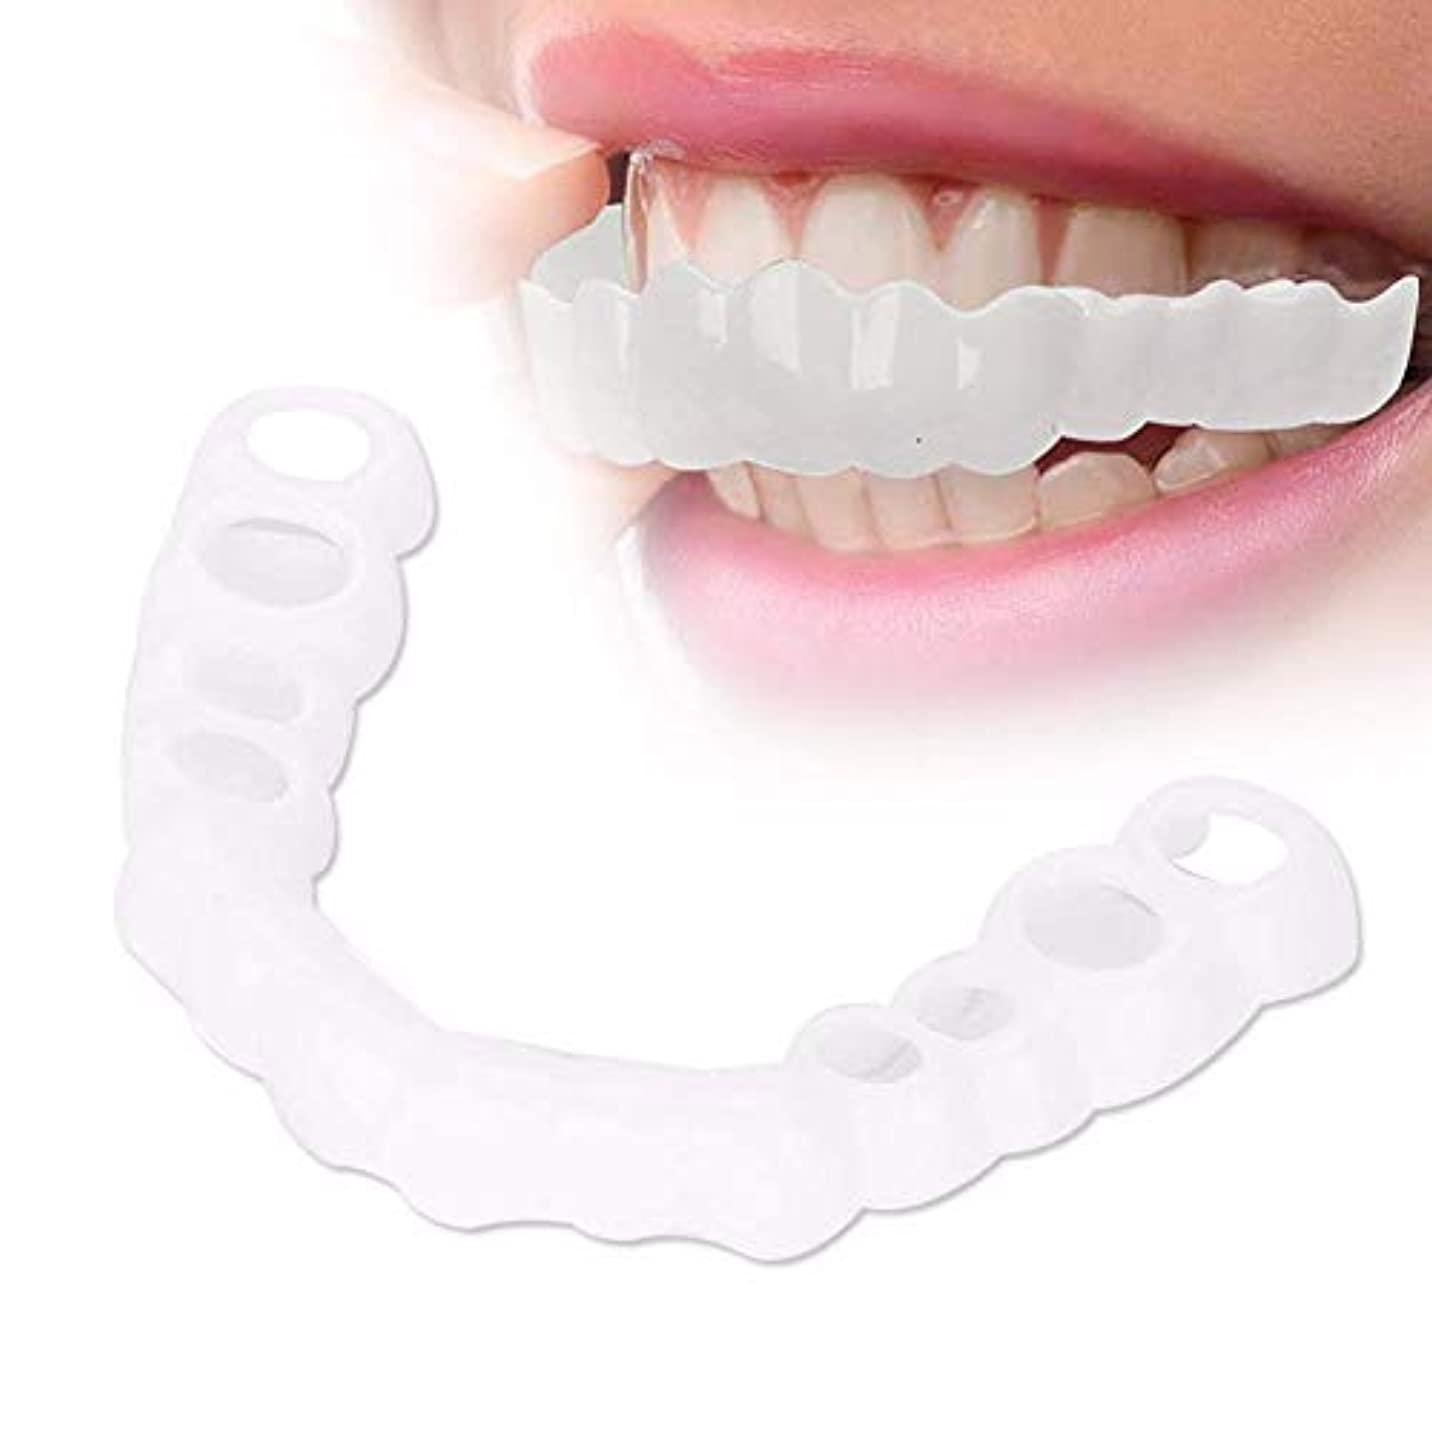 いろいろ固執慢パーフェクトスマイル入れ歯の10セット、シリコーンシミュレーション、上の歯、ホワイトニング入れ歯